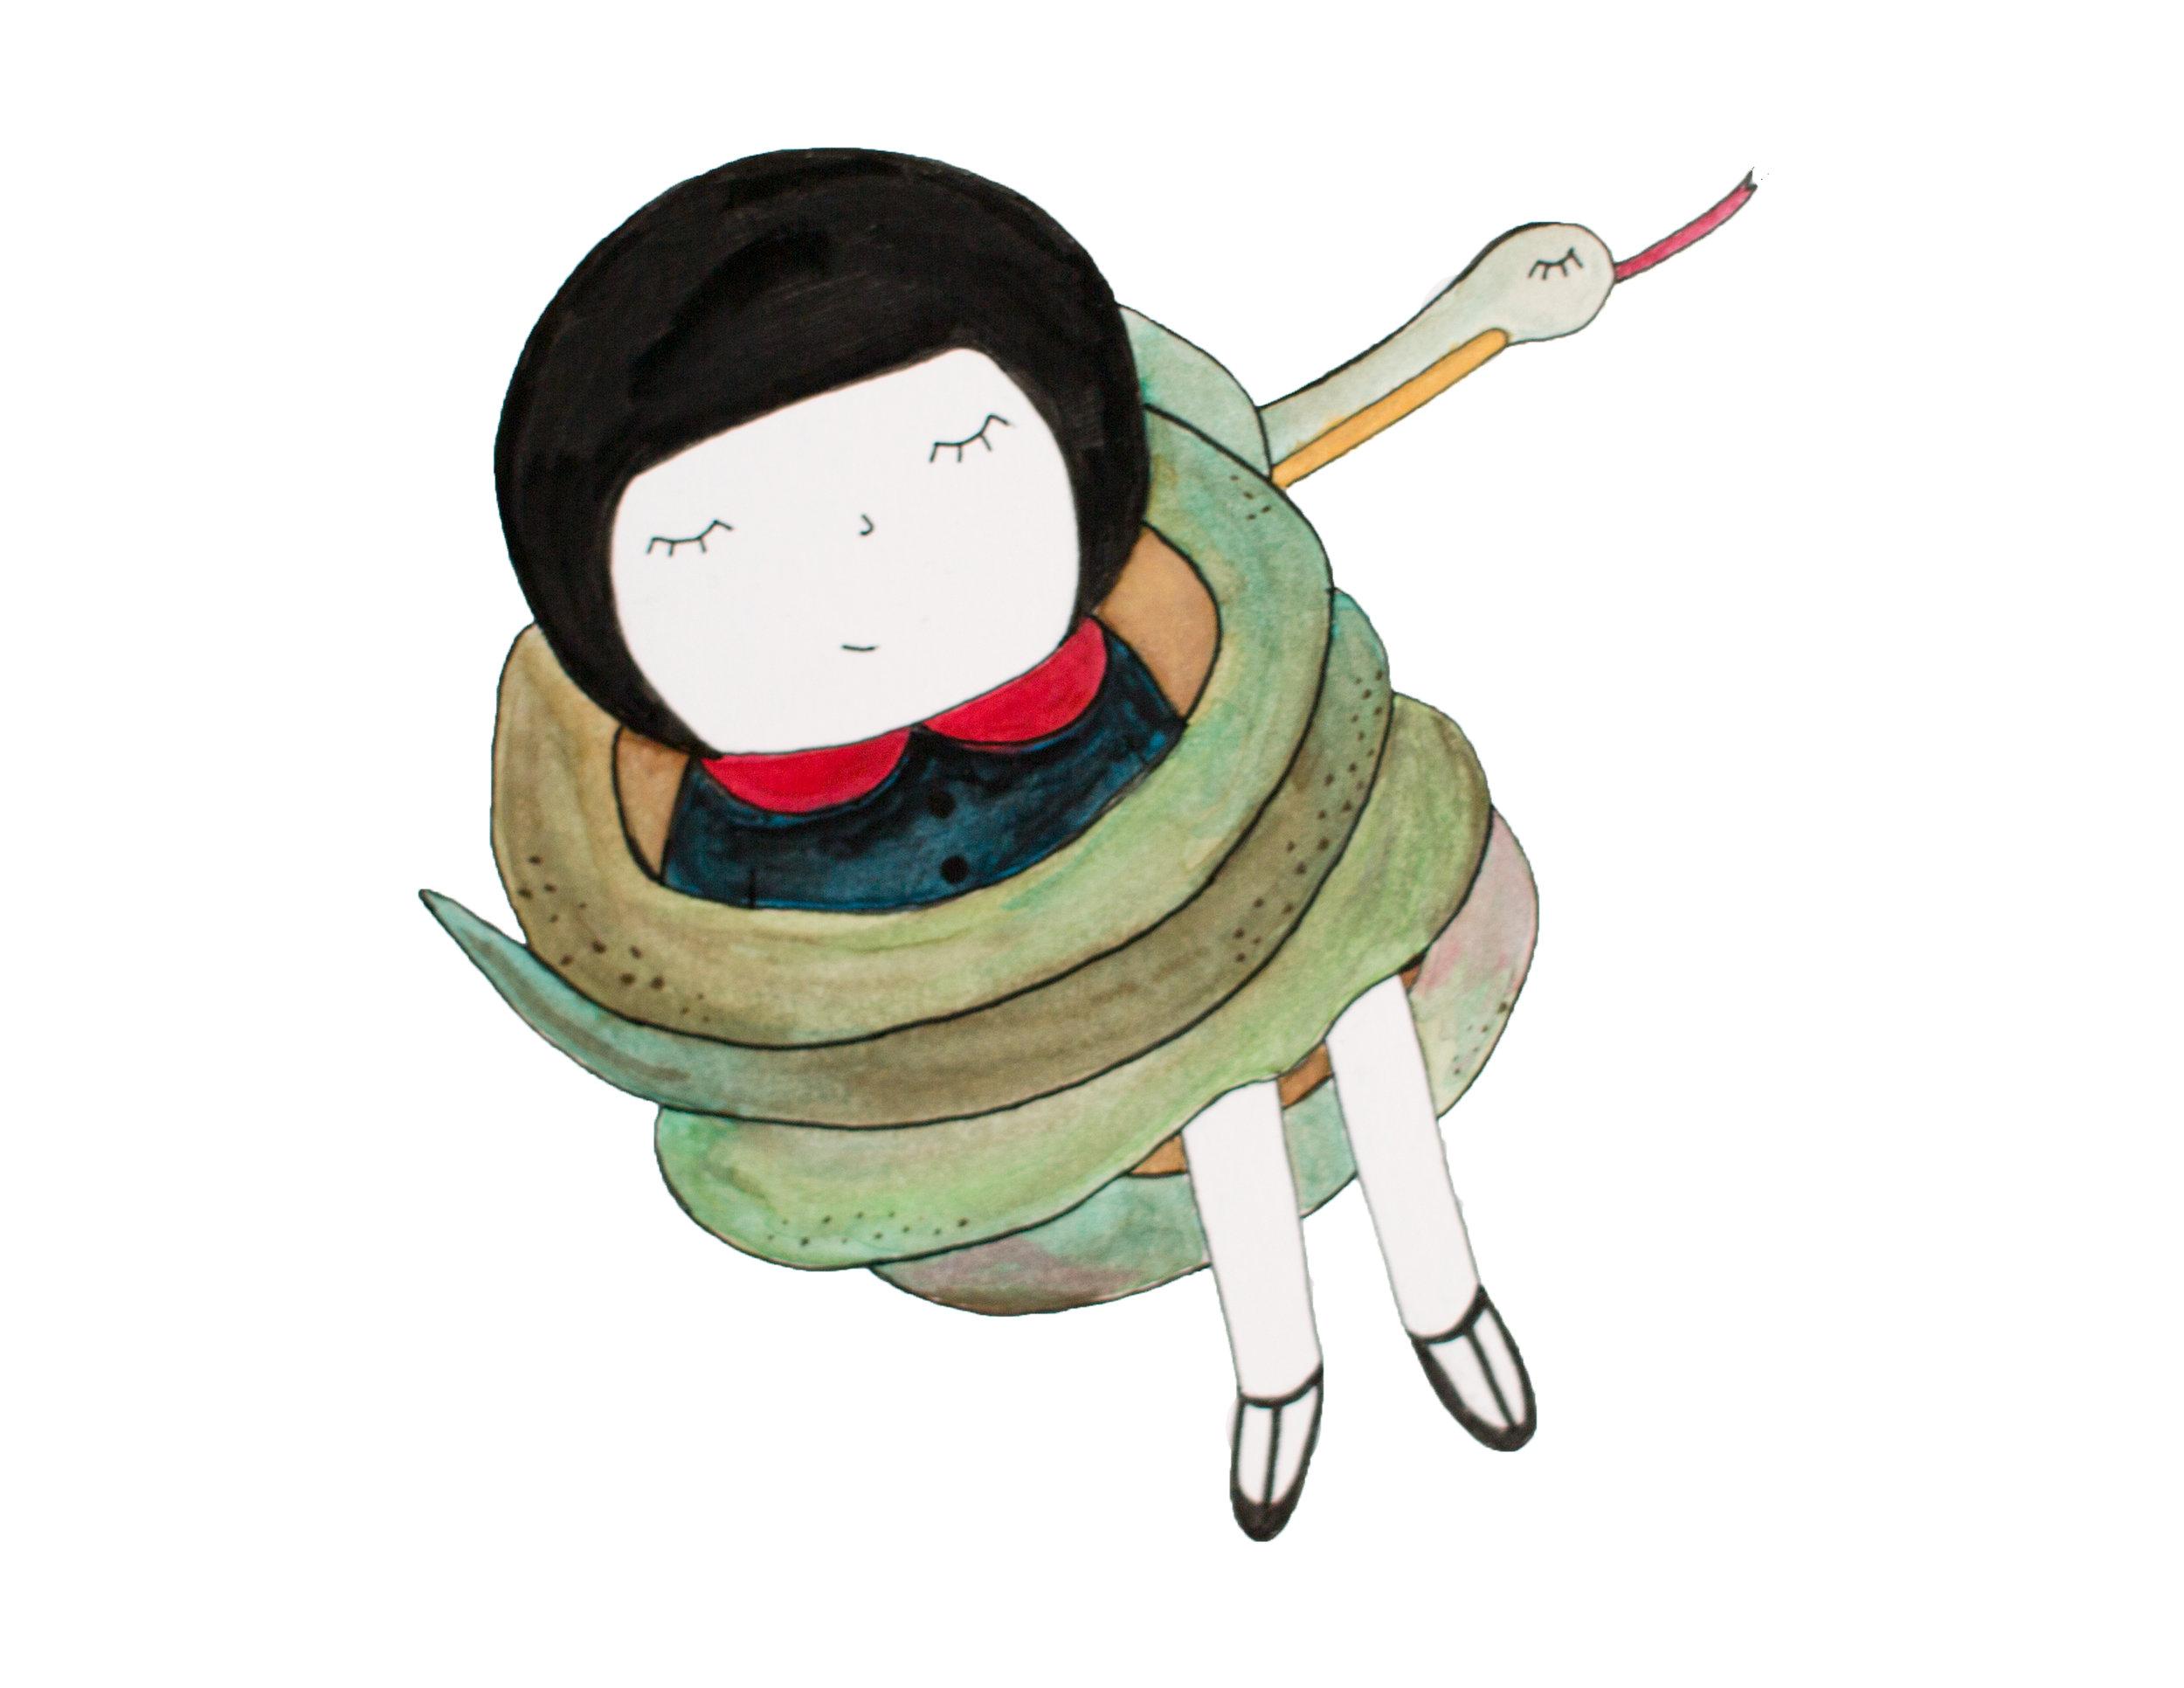 snake-girl-web_8.5x11.jpg